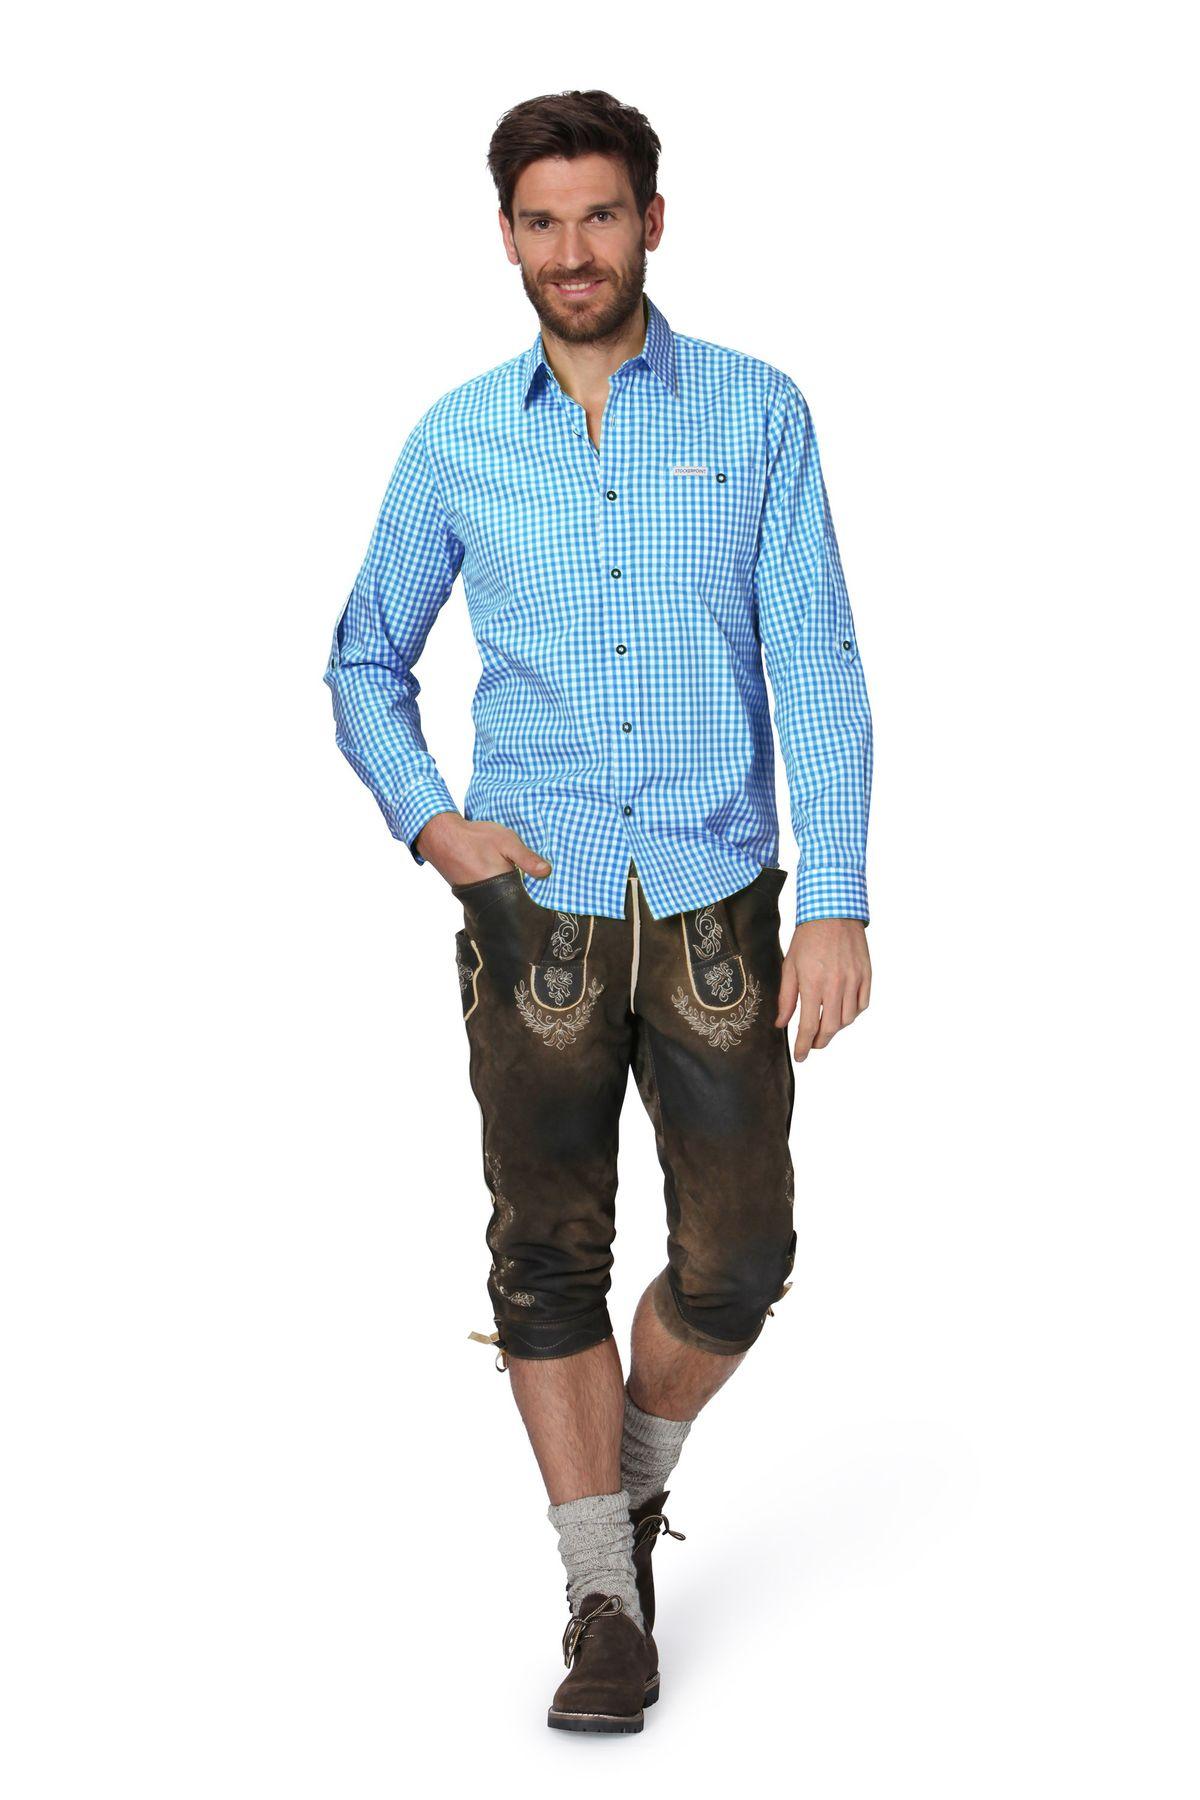 Stockerpoint - Herren Trachtenhemd, kariert in verschiedenen Farbvarianten, Campos2 – Bild 6